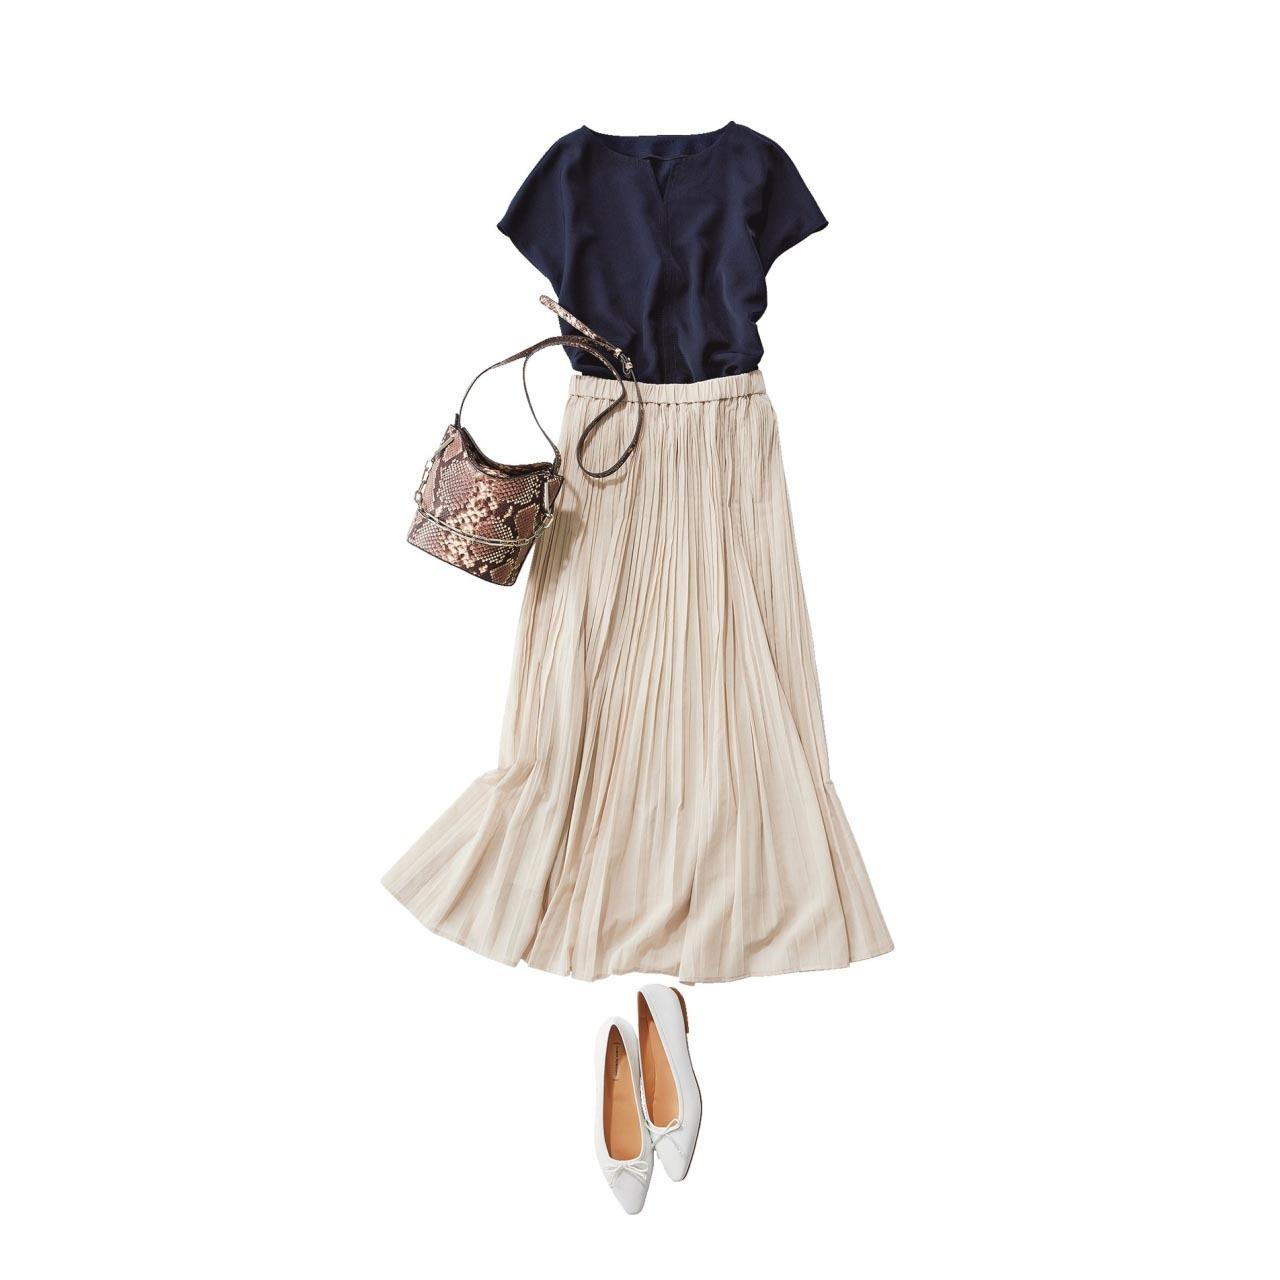 ■ネイビーのブラウス×白のプリーツスカート×フラットシューズコーデ